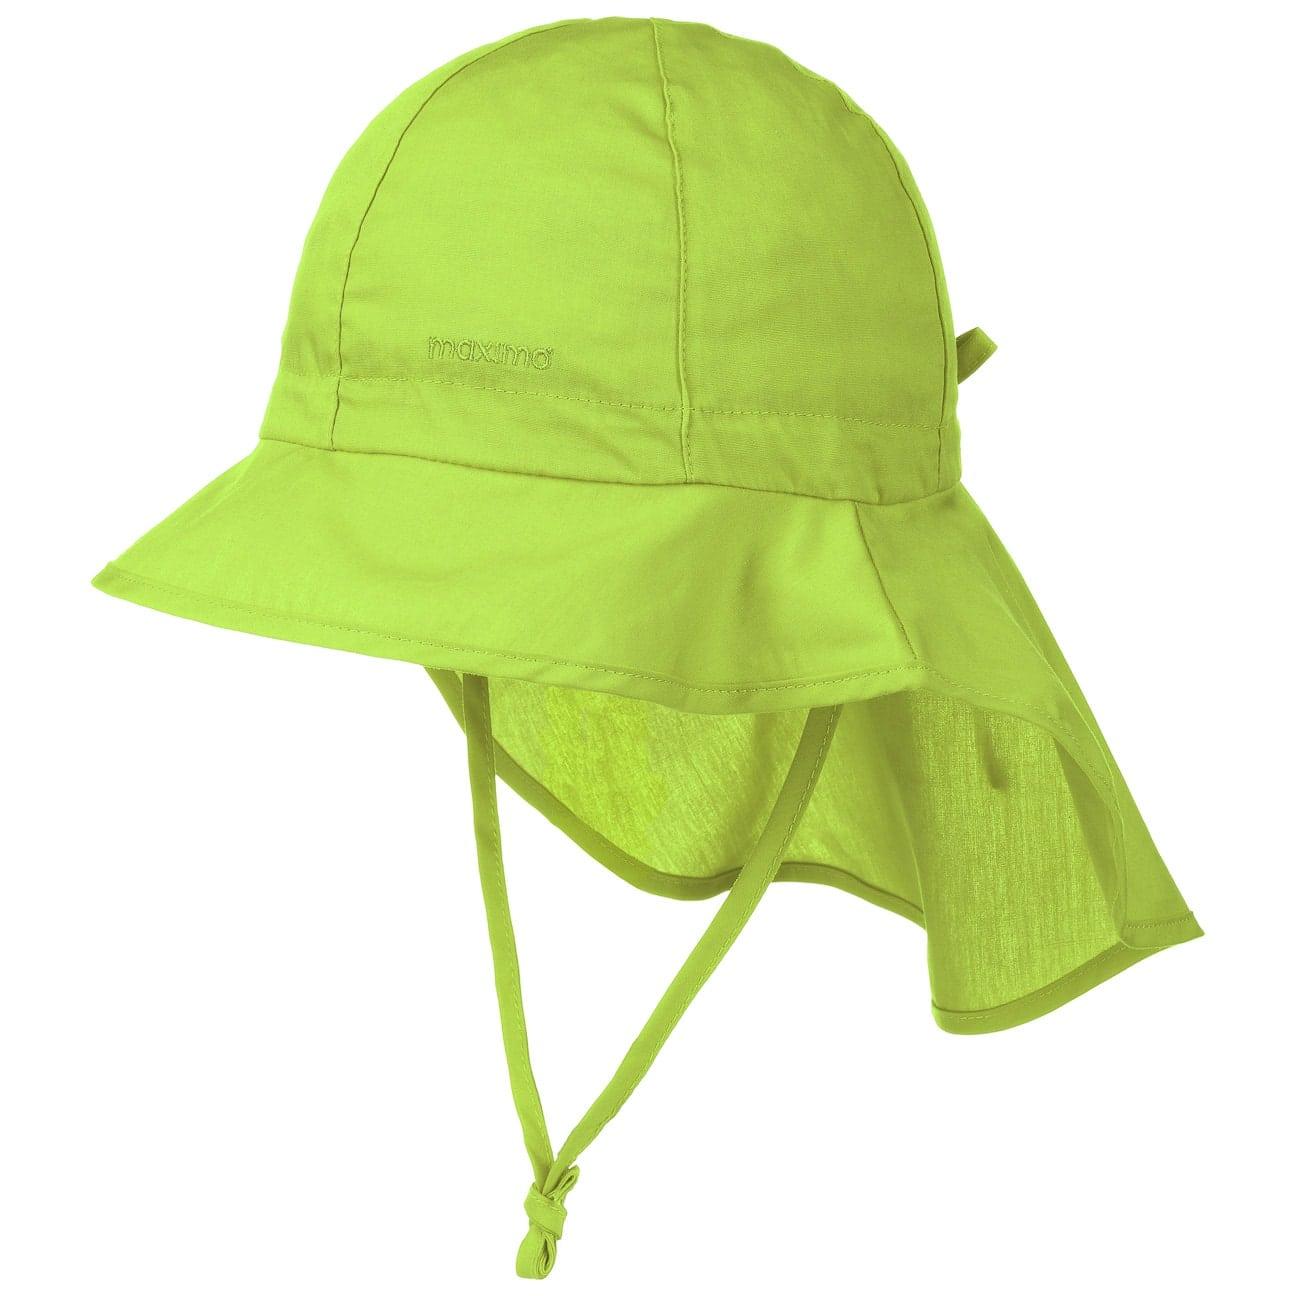 chapeau-avec-couvre-nuque-by-maximo-chapeau-de-soleil